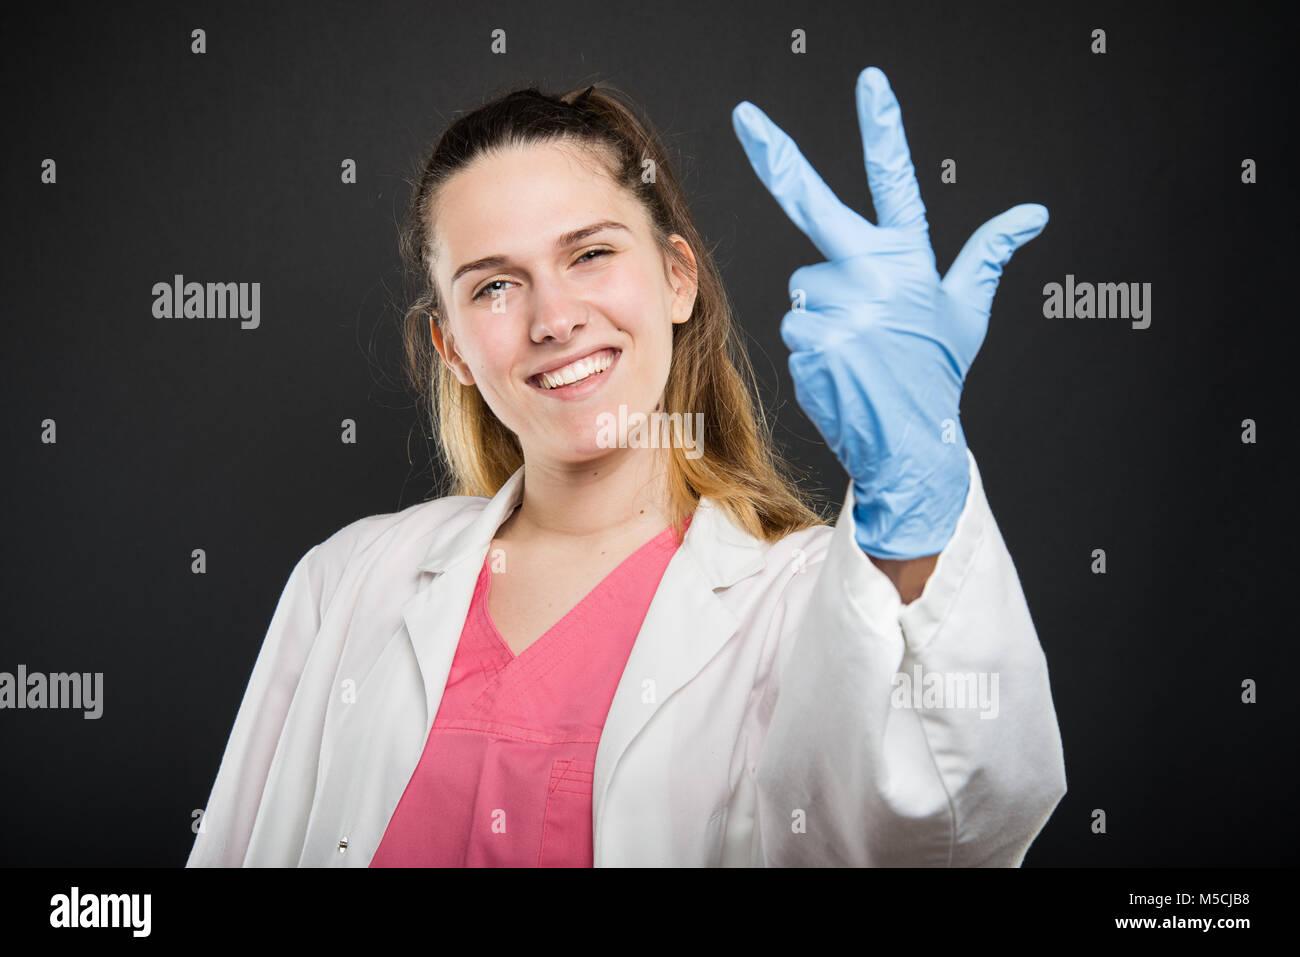 Jeune médecin portrait portant robe montrant le numéro trois sur fond noir Photo Stock